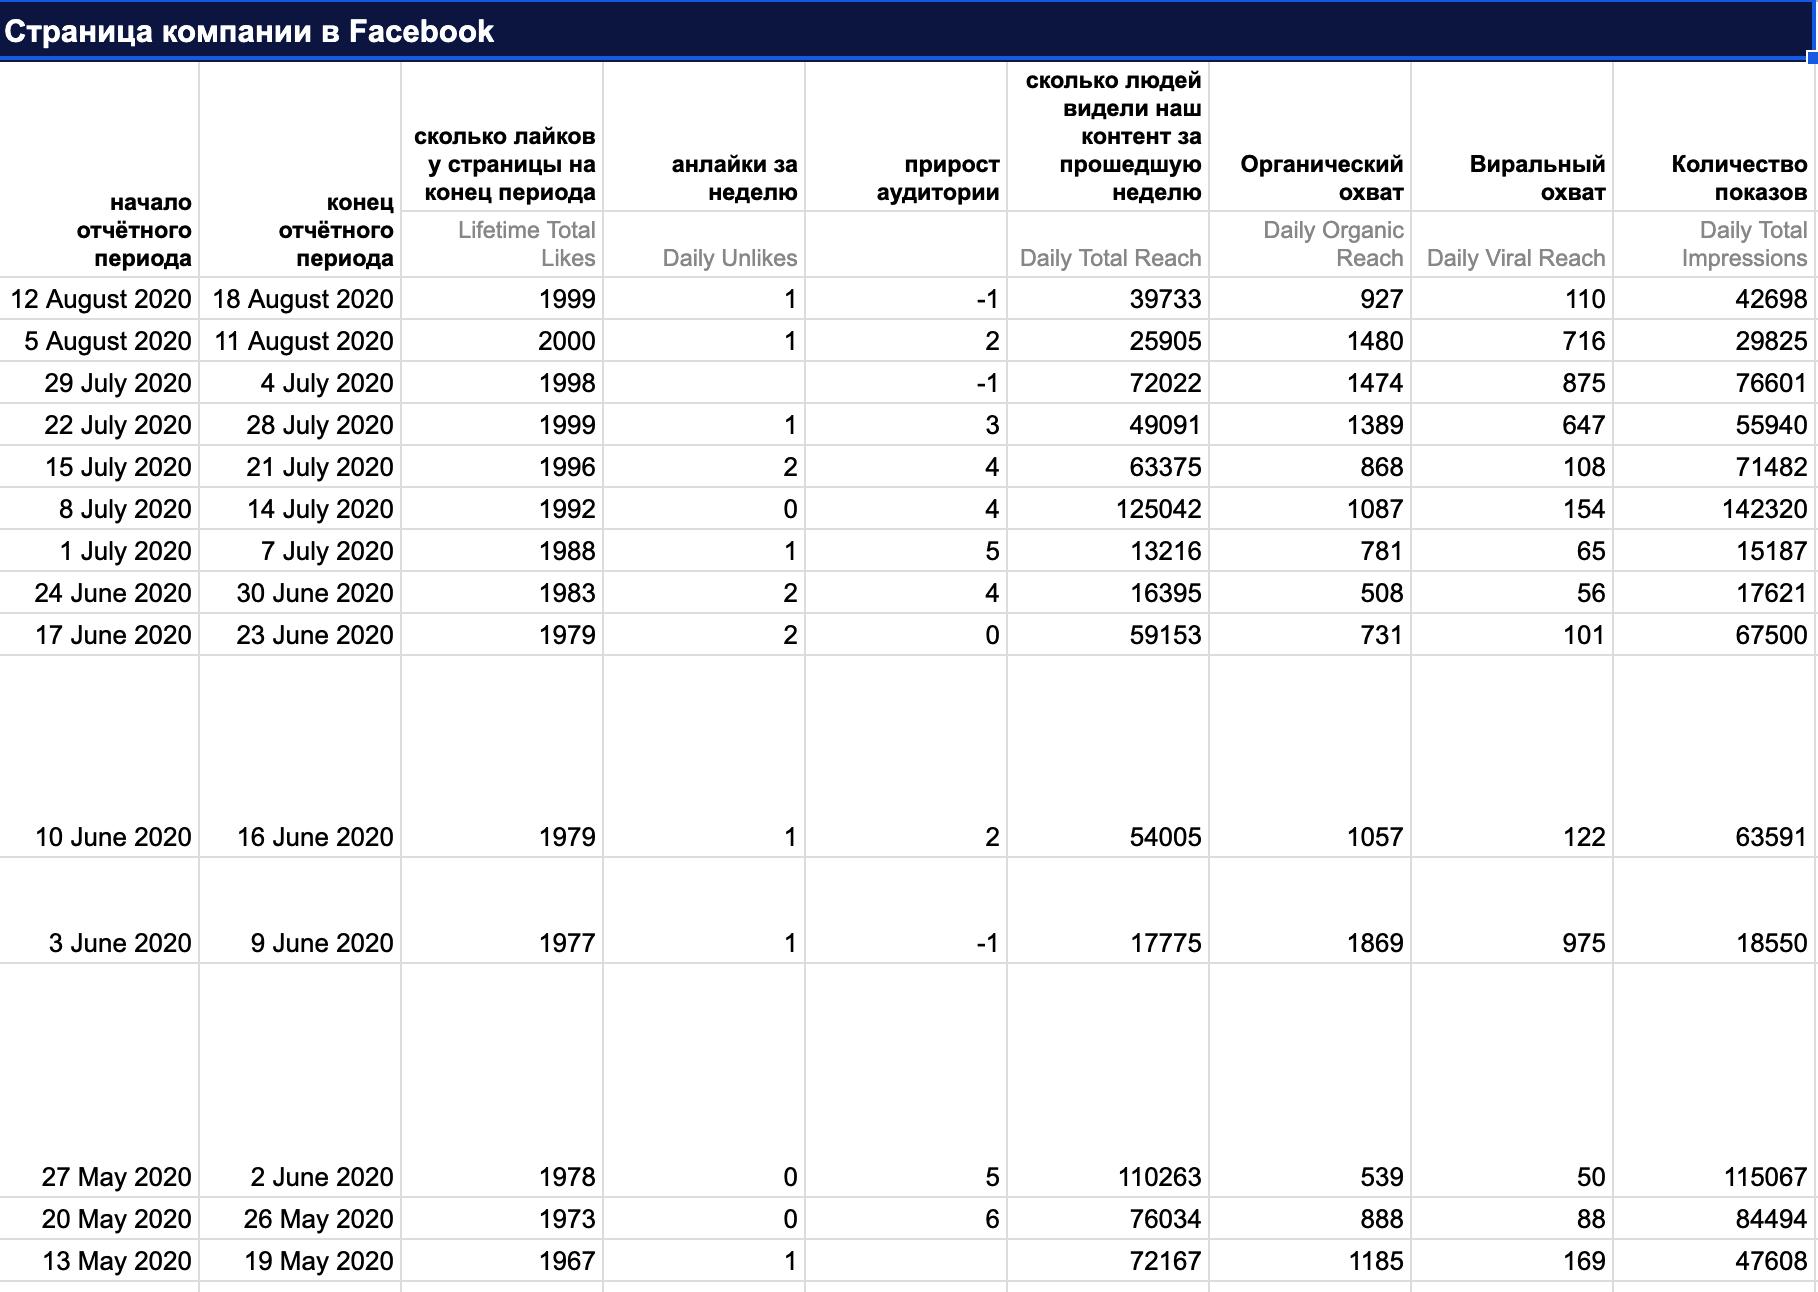 Маркетинг для b2b_Отчёт по статистике страницы в фейсбуке